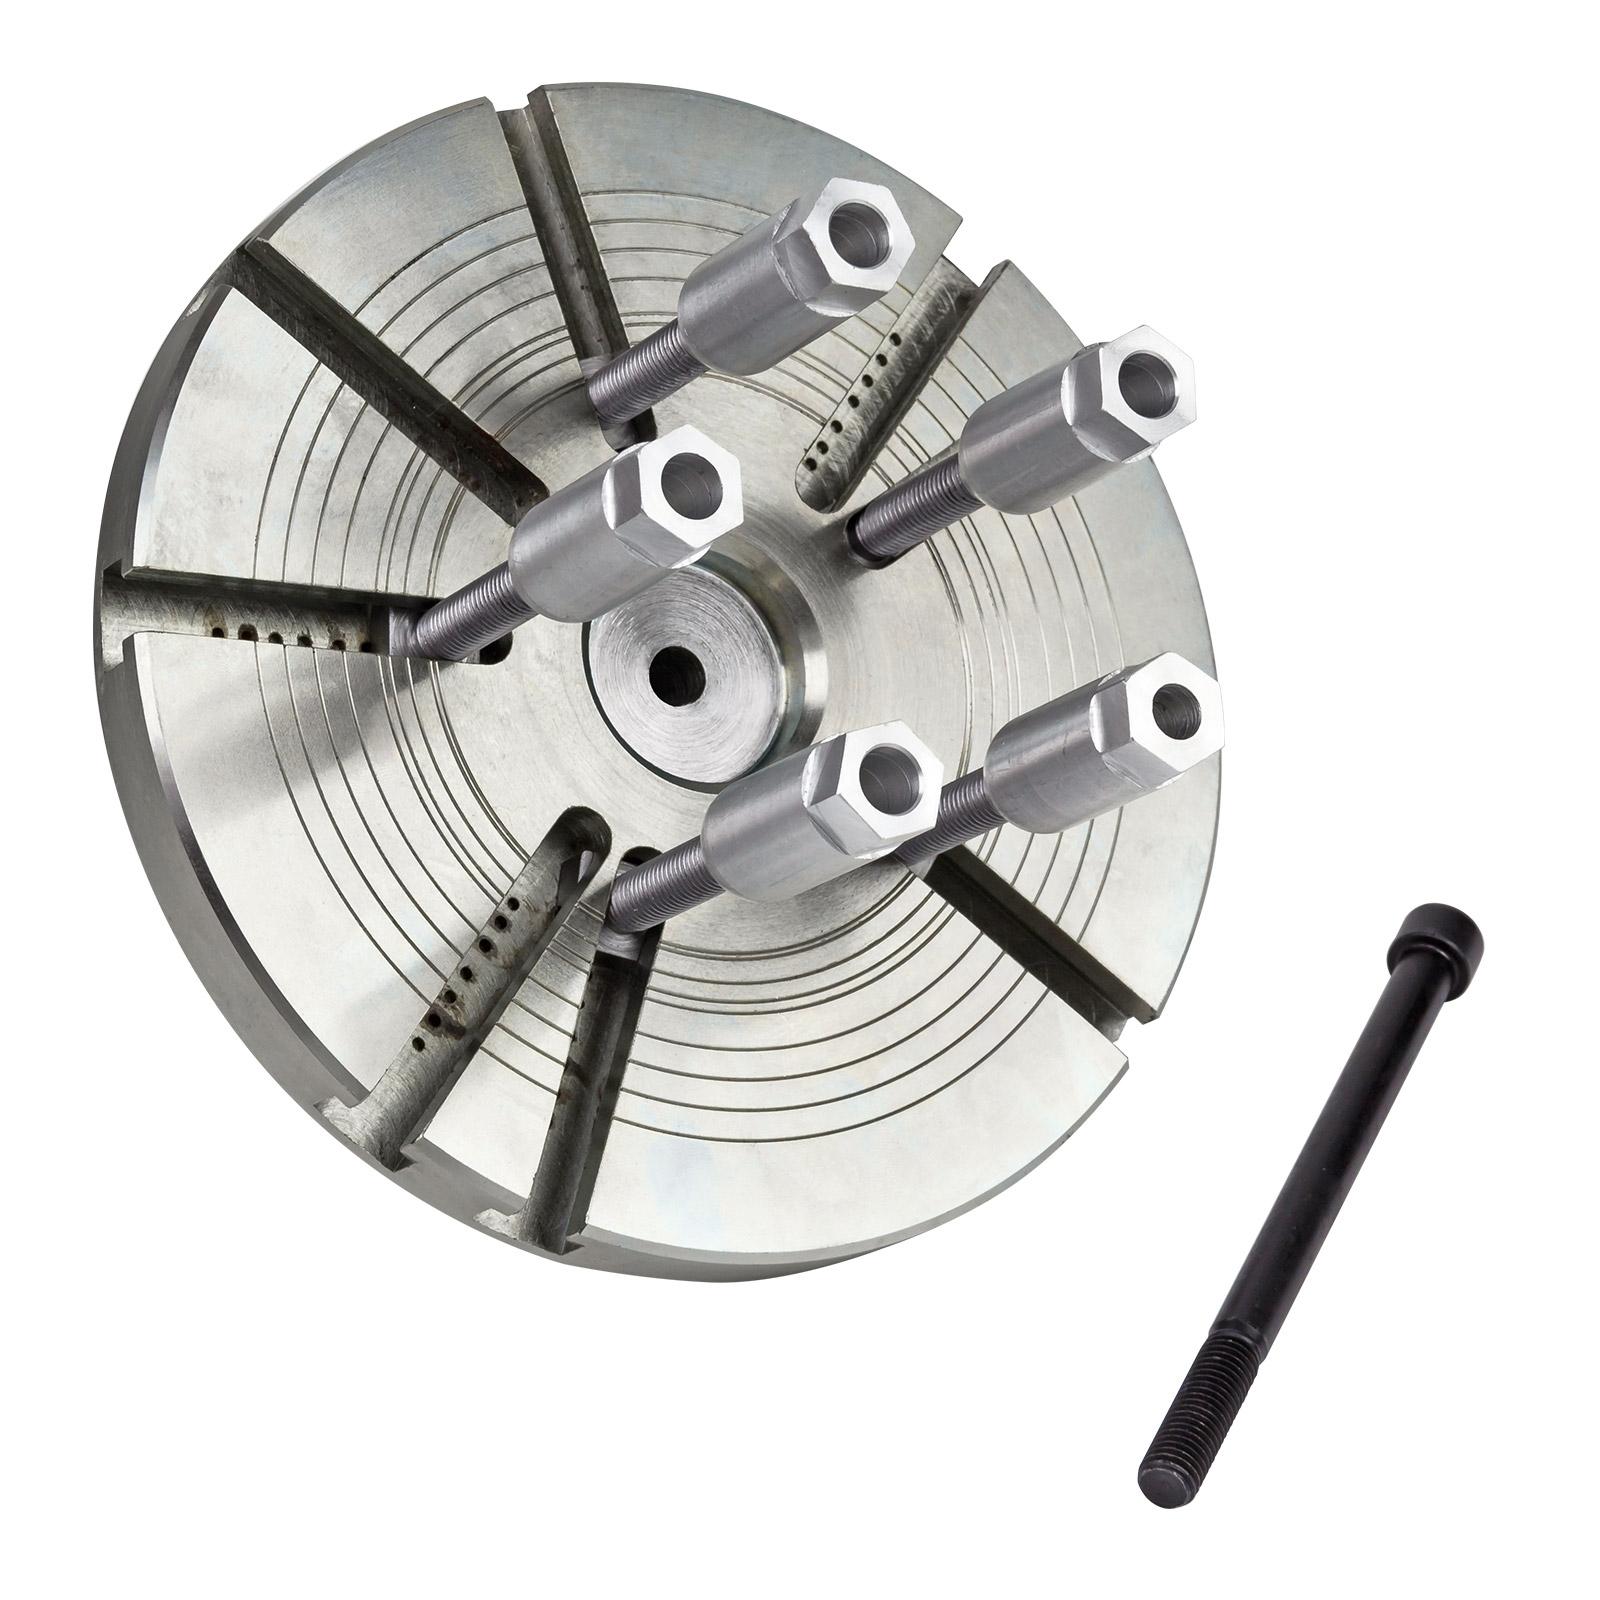 Dema Felgen Universaladapter für Reifenwuchtmaschine Wuchtmaschine Auswuchtmaschine 18011